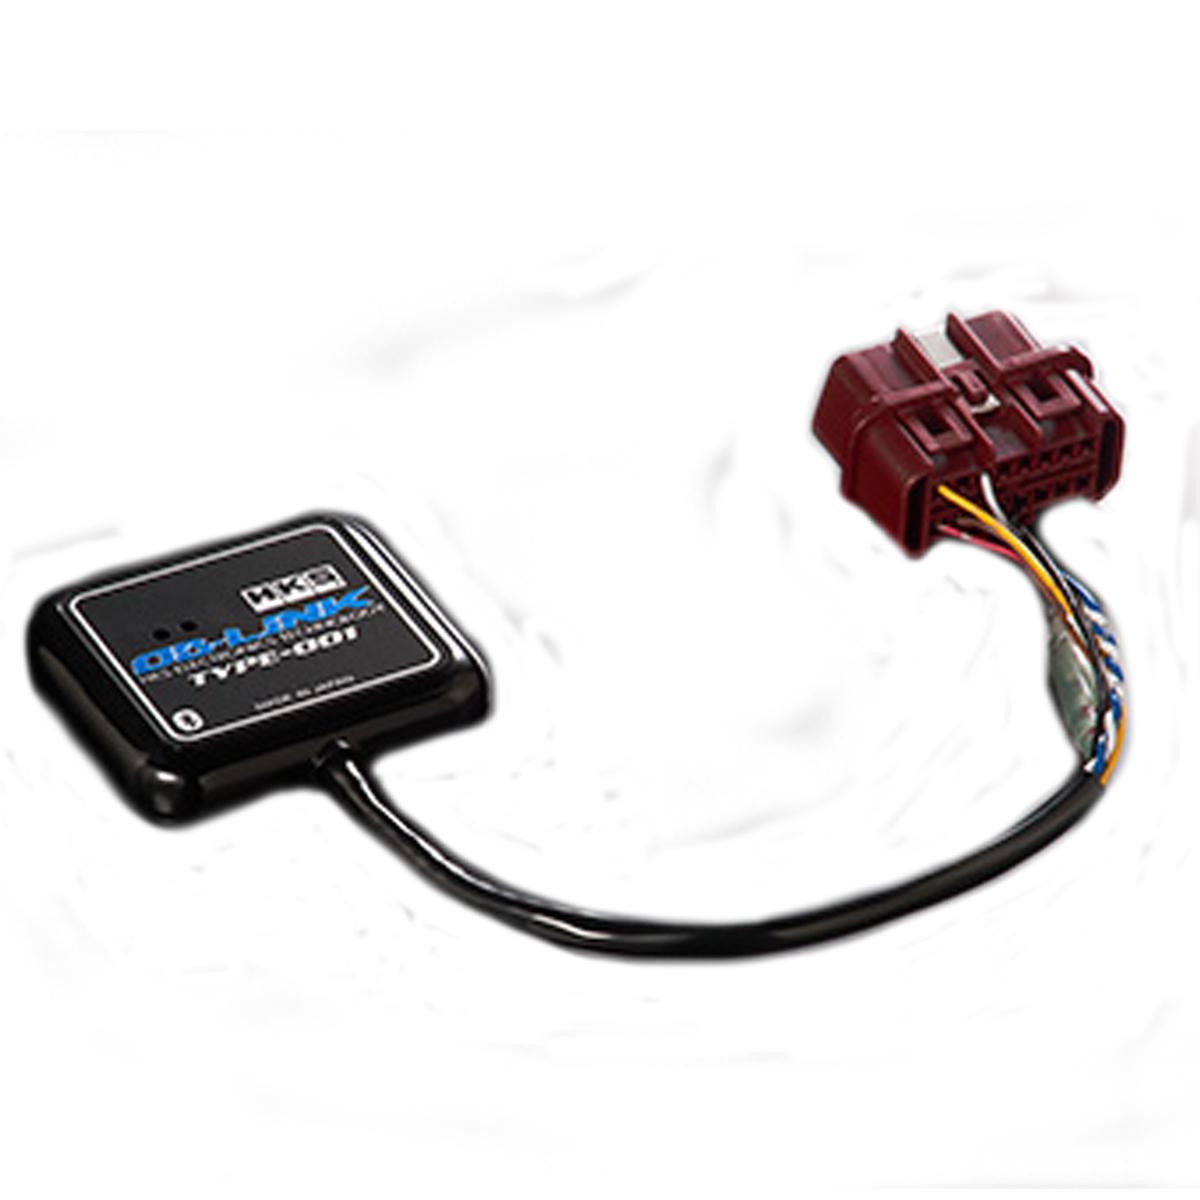 ミラ ジーノ モニター OBリンク タイプ 001 L700S/L710S HKS 44009-AK002 エレクトリニクス